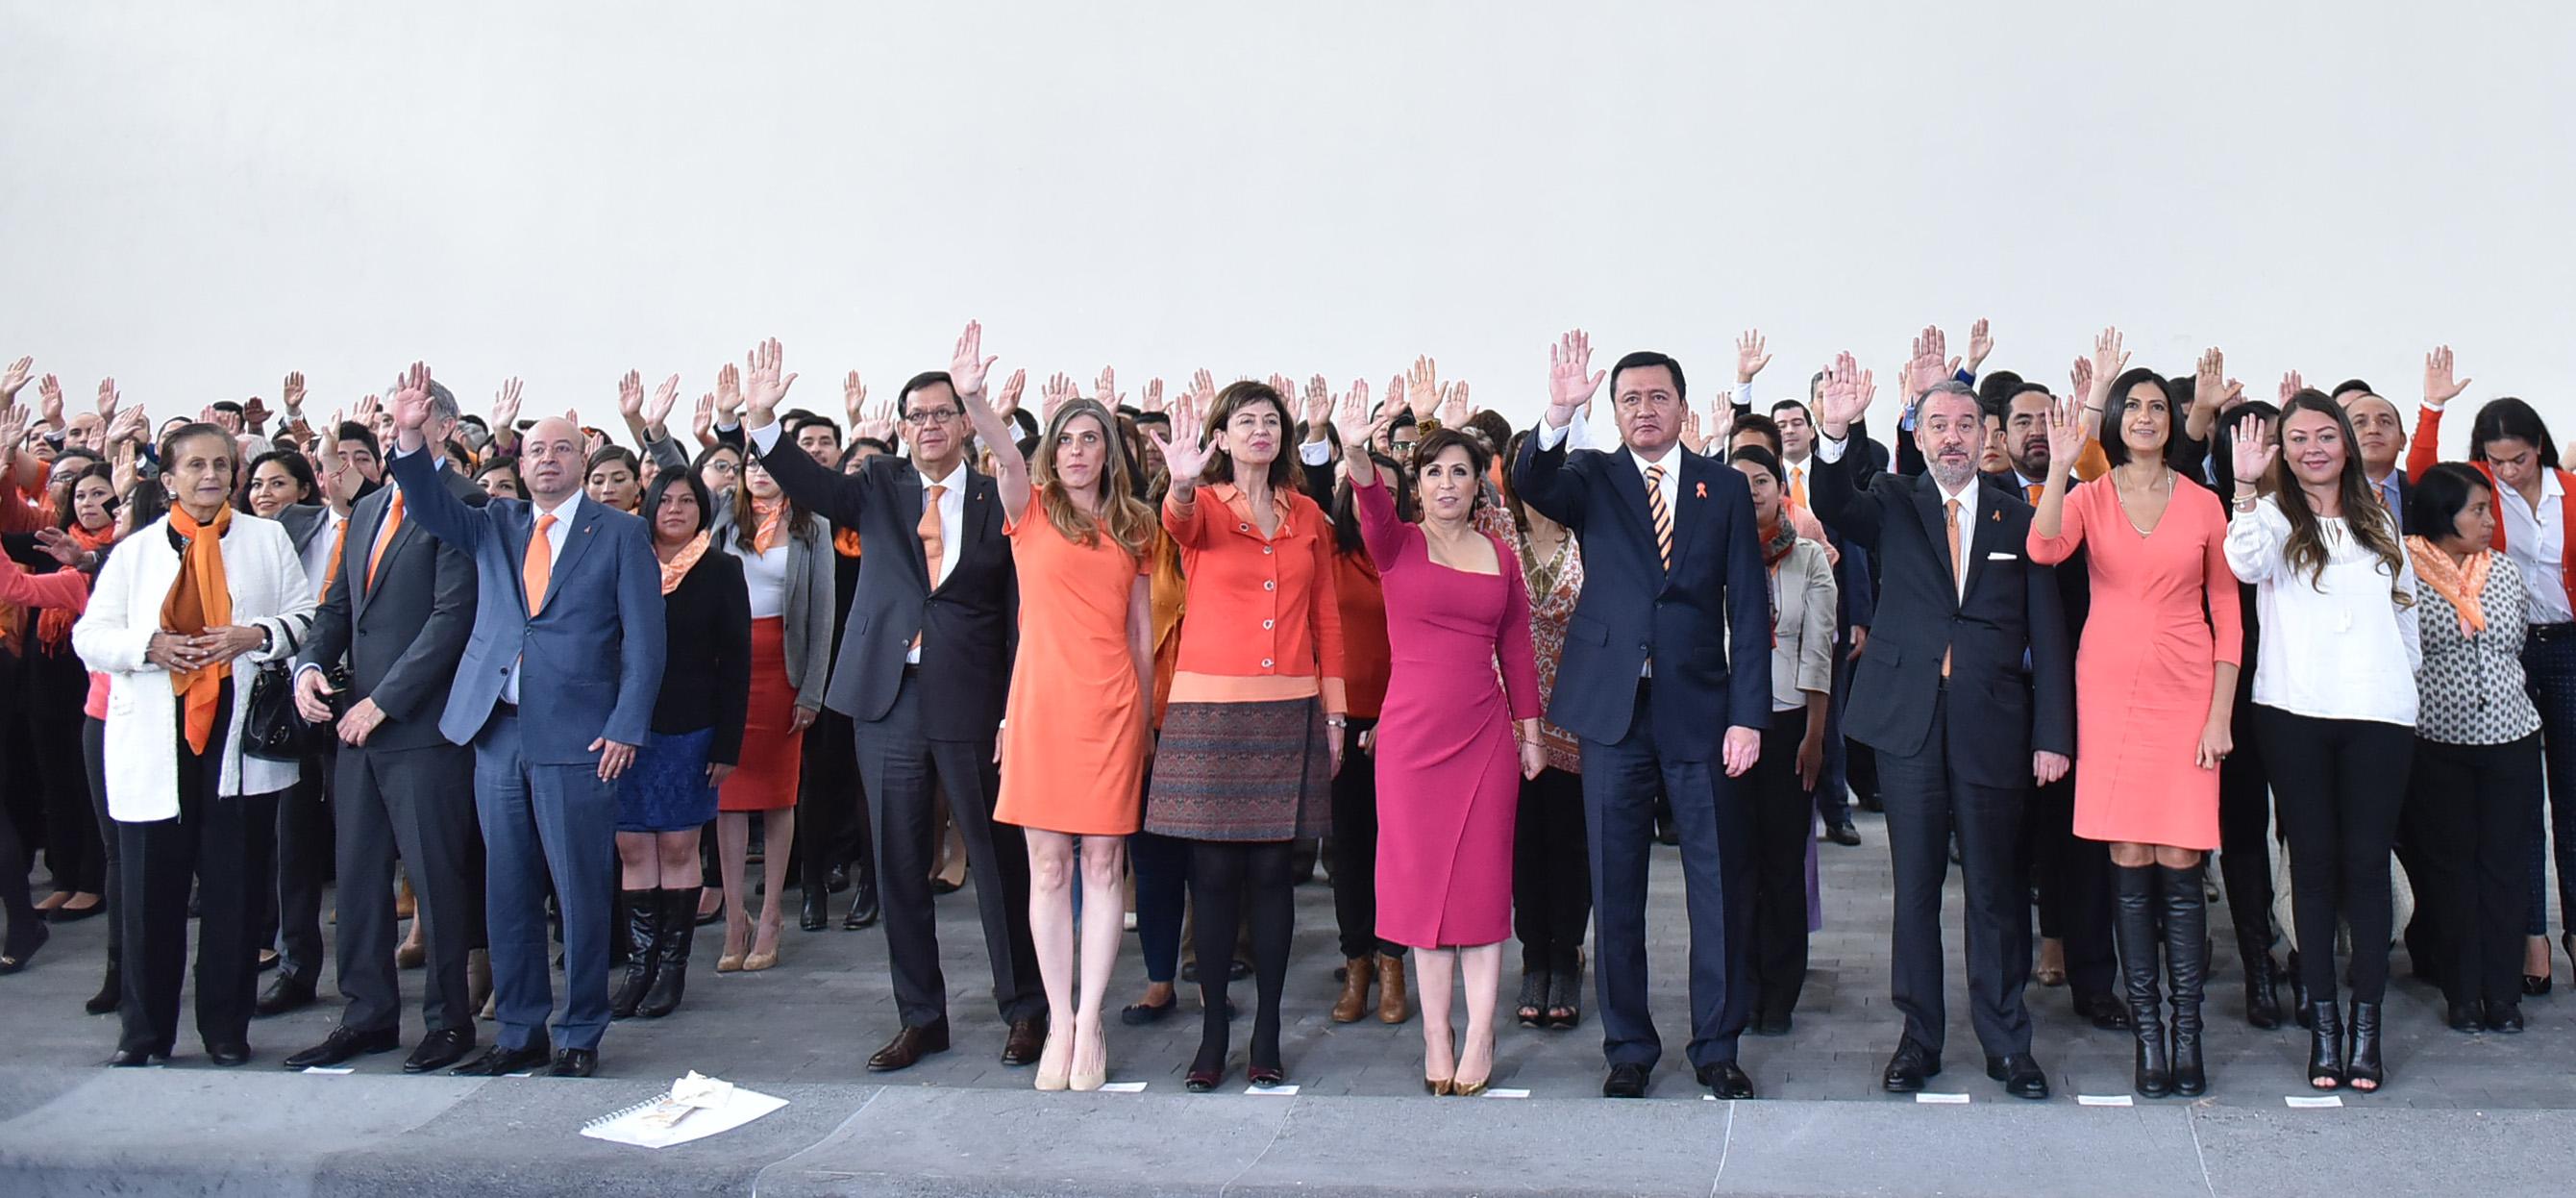 El Secretario de Gobernación encabezó las XXIX y XXX Sesiones Ordinarias del Sistema Nacional de Prevención, Atención, Sanción y Erradicación de la Violencia contra las Mujeres